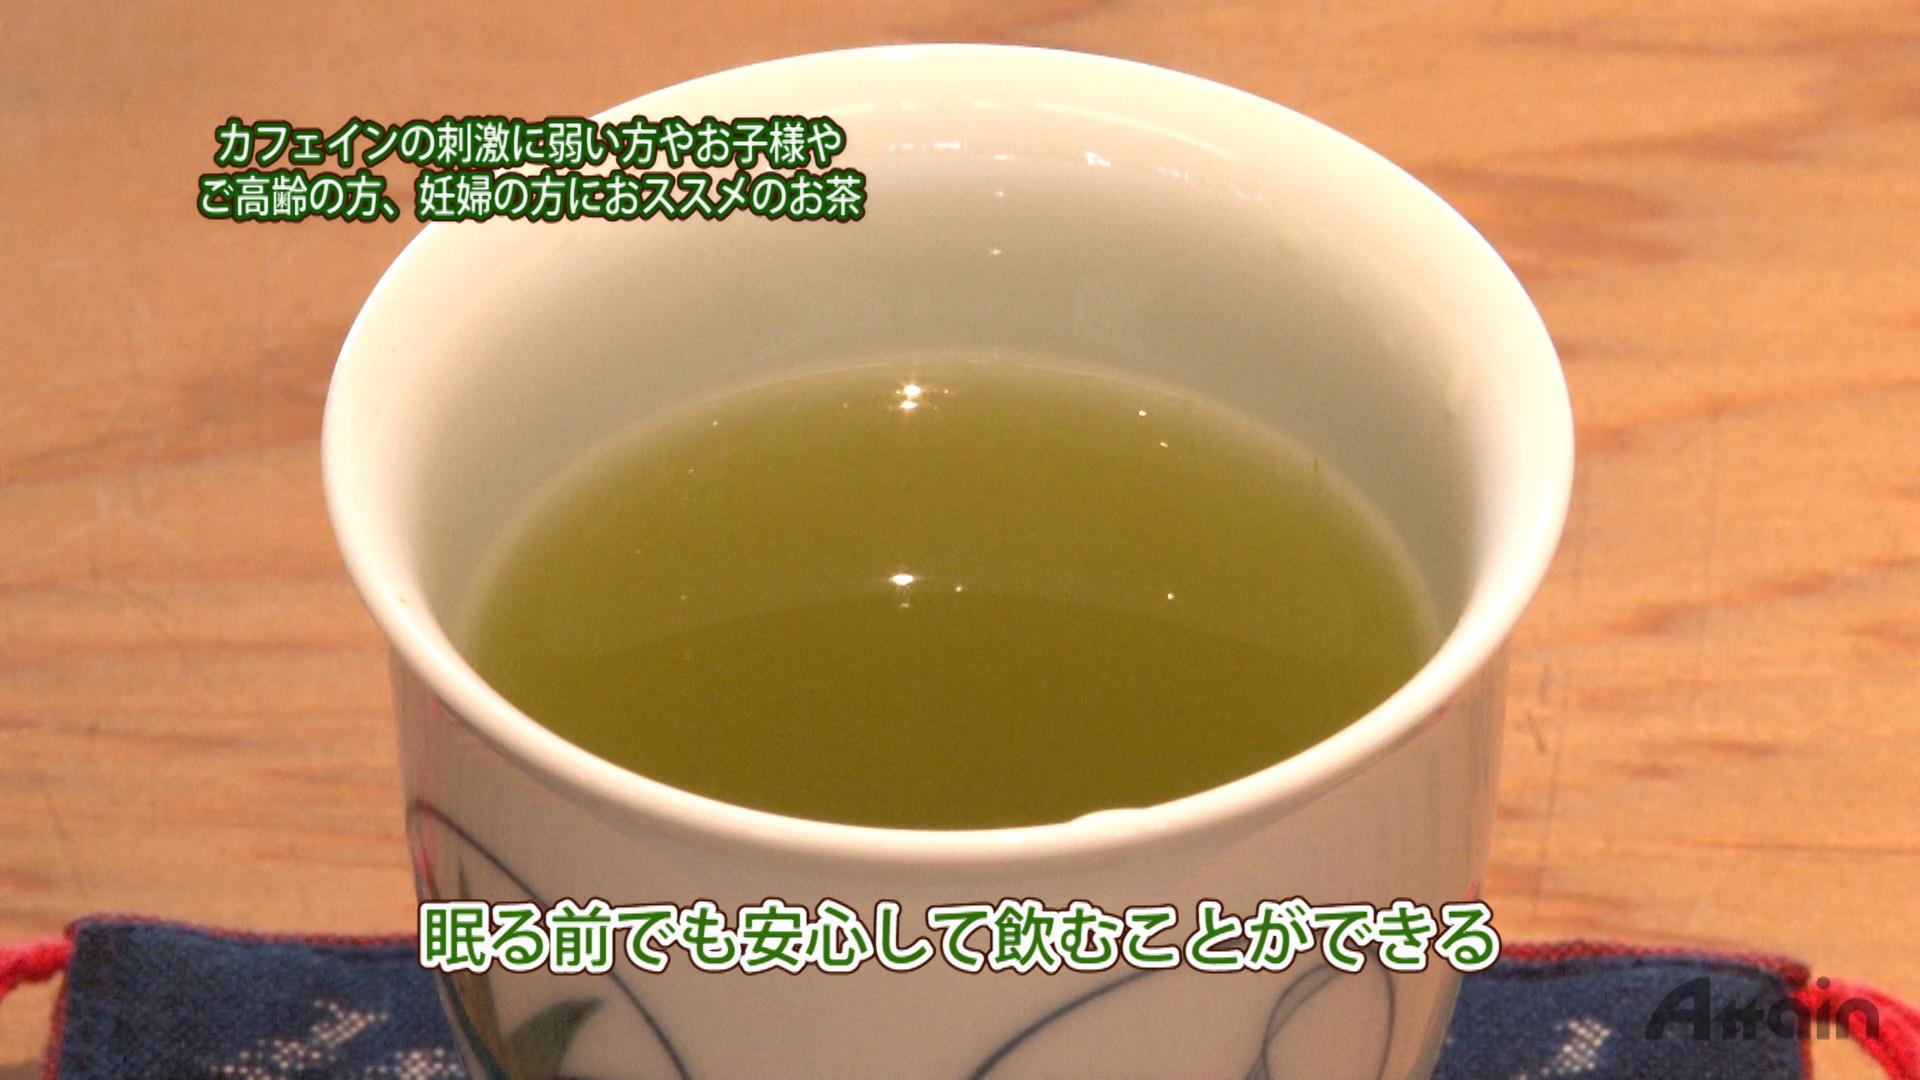 『お茶の選び方』をYouTube【日本通TV】チャンネルに公開